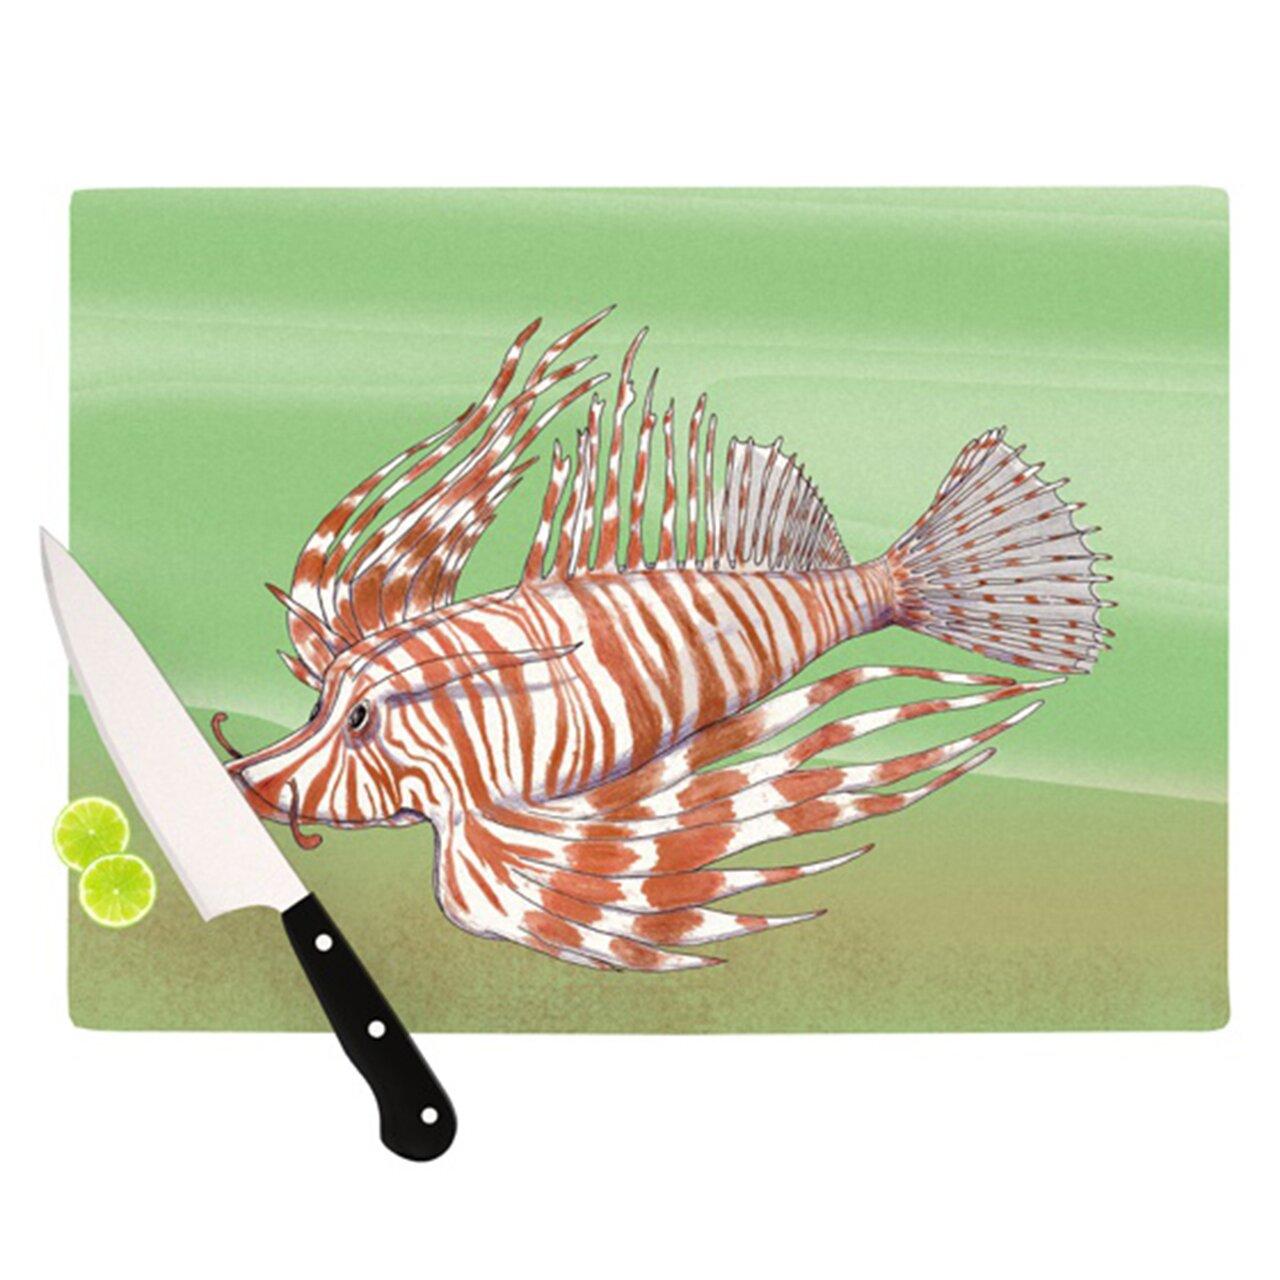 Kess inhouse fish manchu cutting board wayfair for Fish cutting board